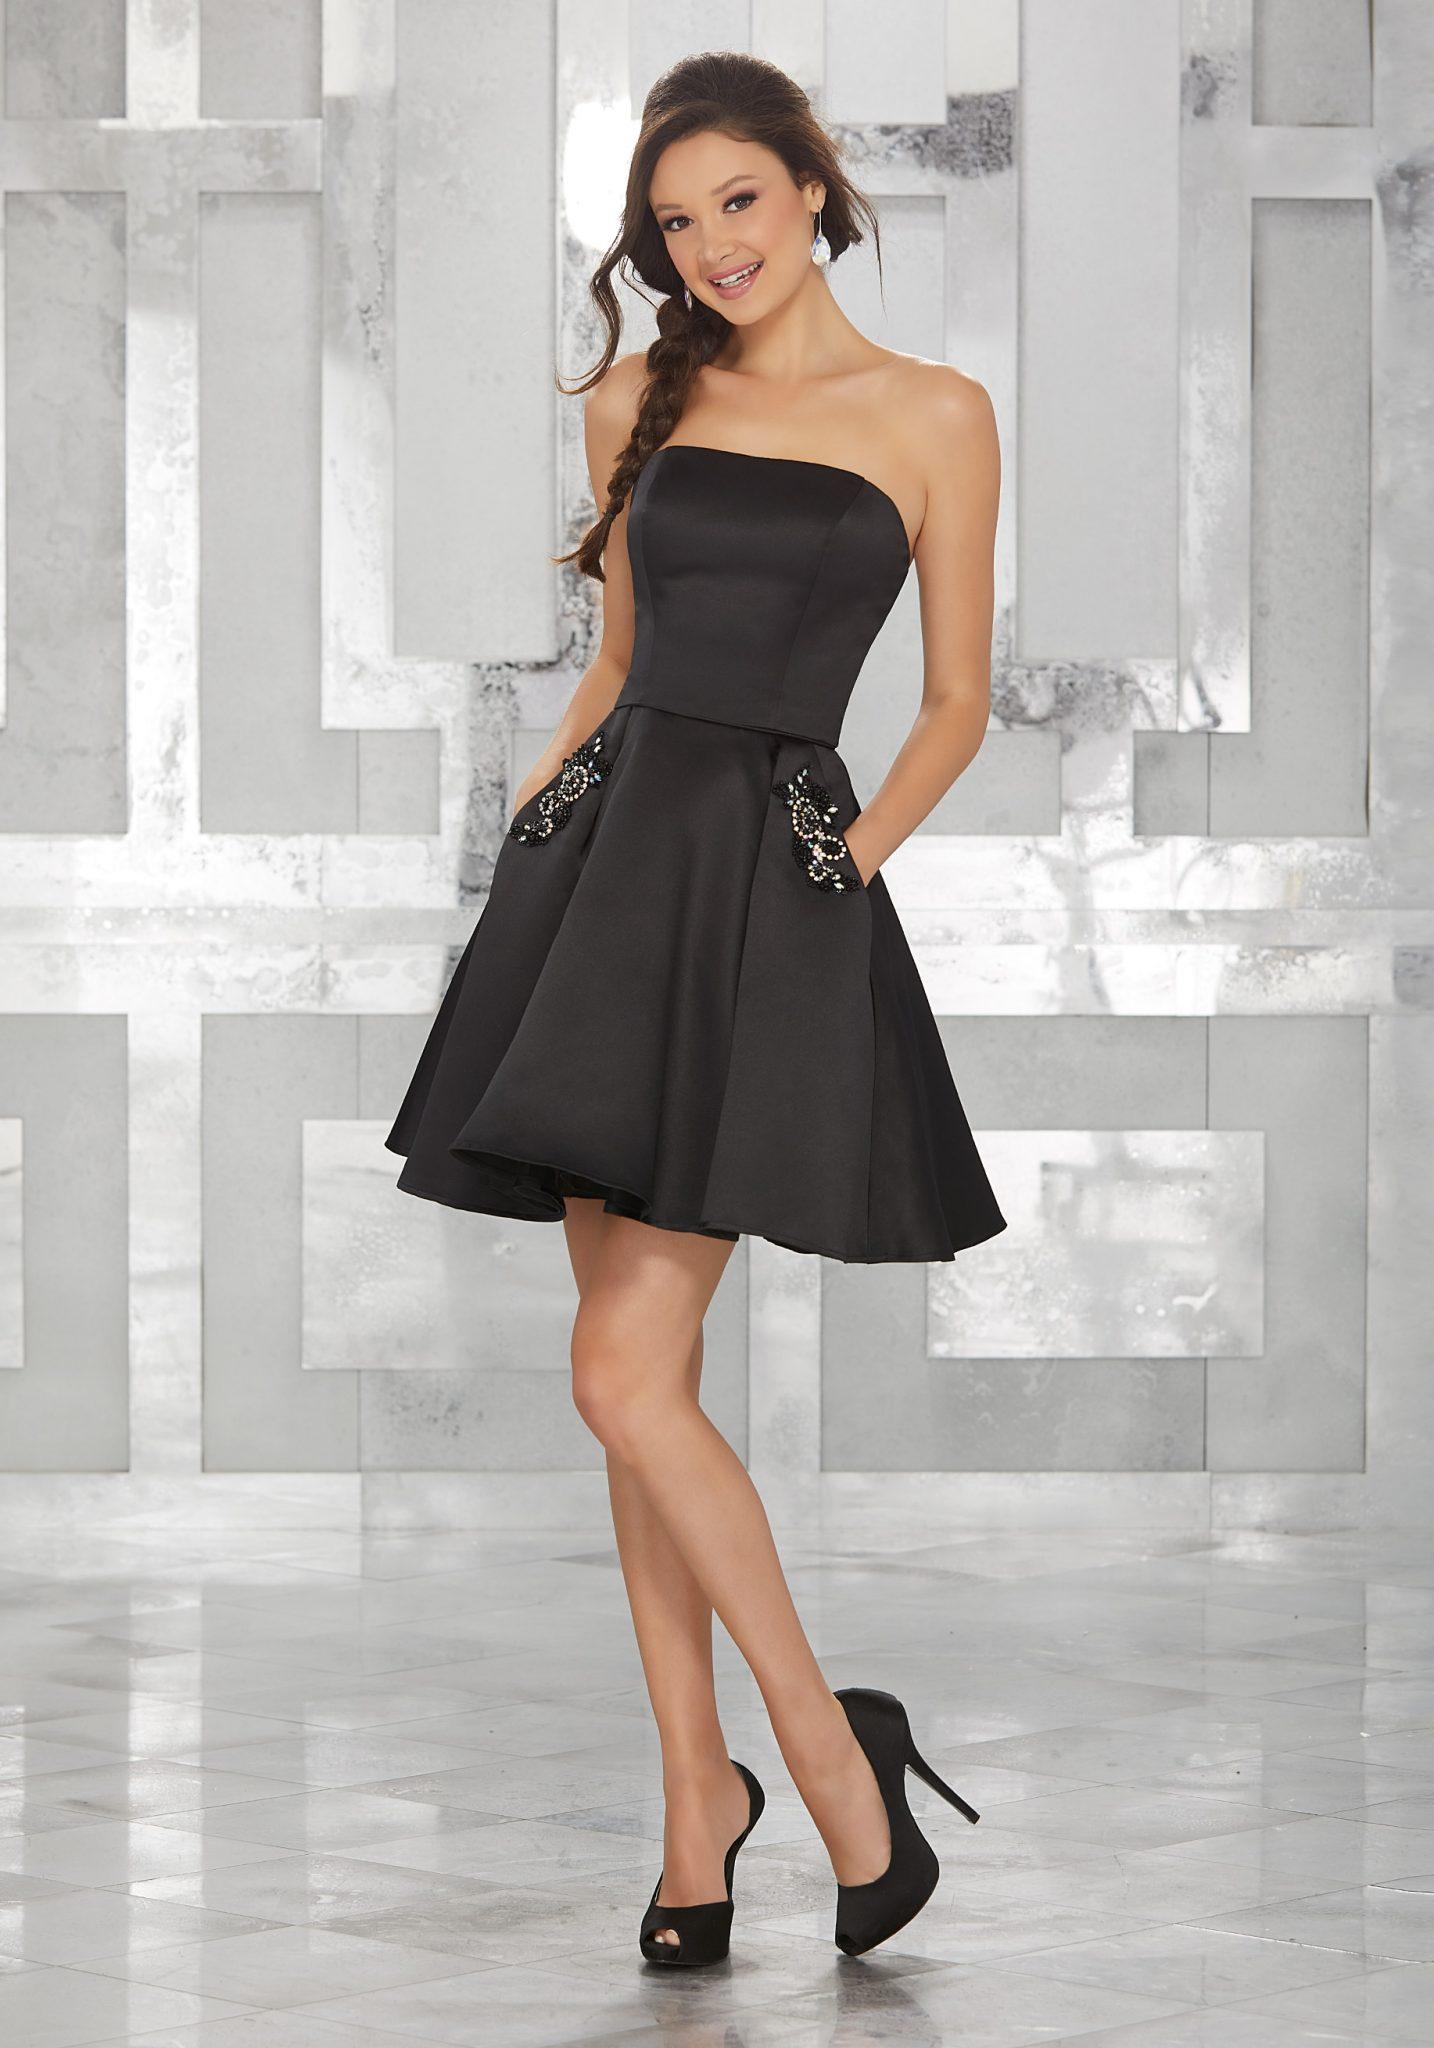 2020 Abiye Elbise Kısa Abiye Modelleri Siyah Straplez Saten iki Parça Cepli Boncuk İşlemeli